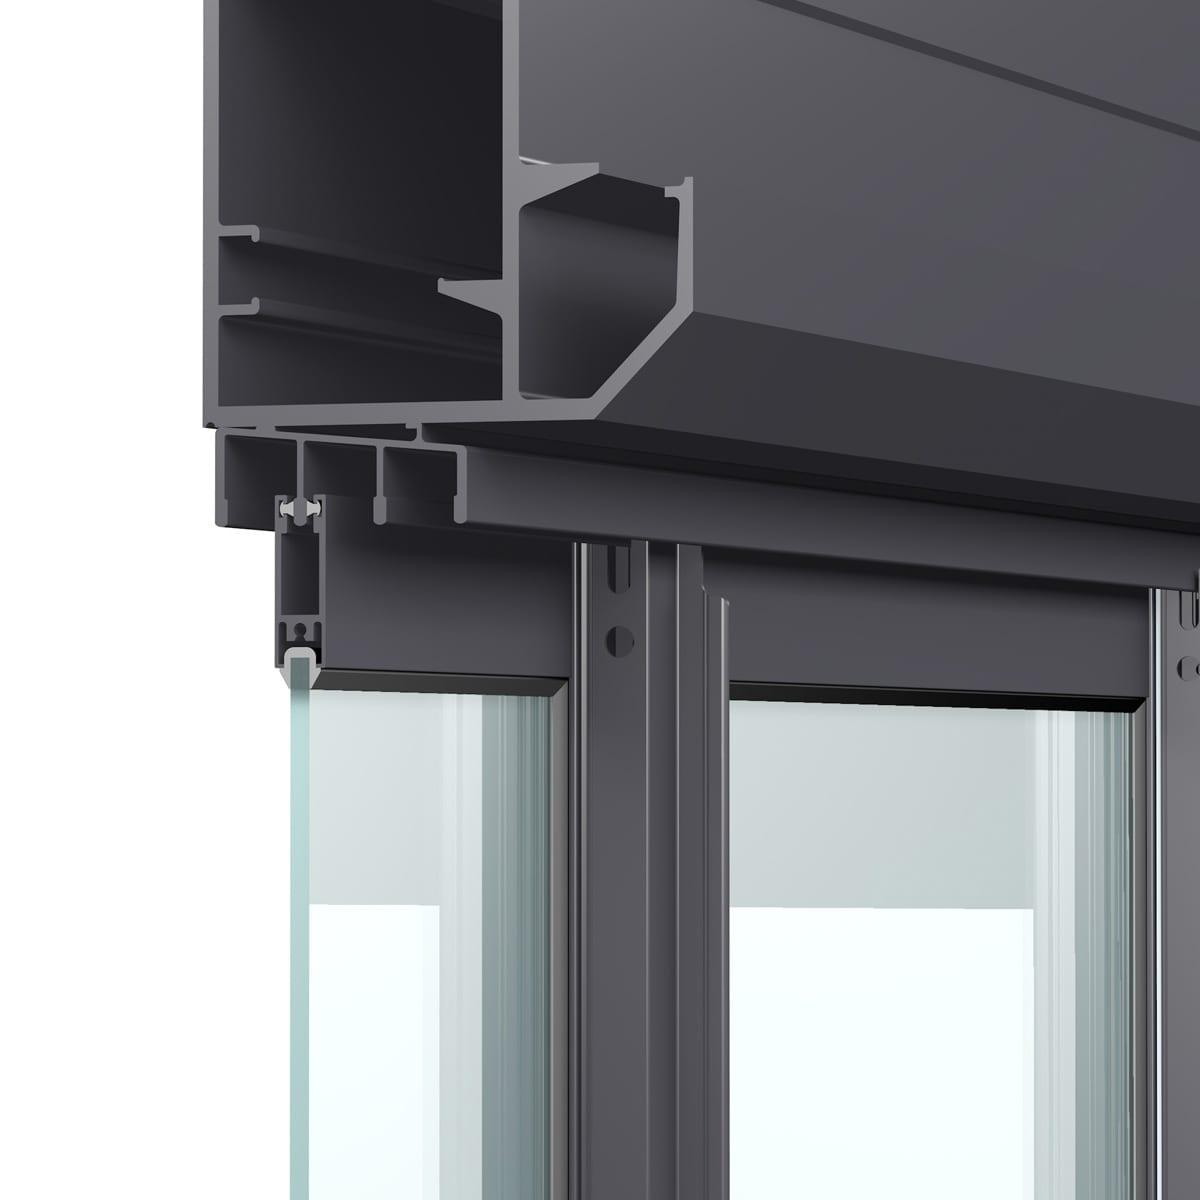 3D Rendering Produktvisualisierung Fenster Profil Produktfotografie